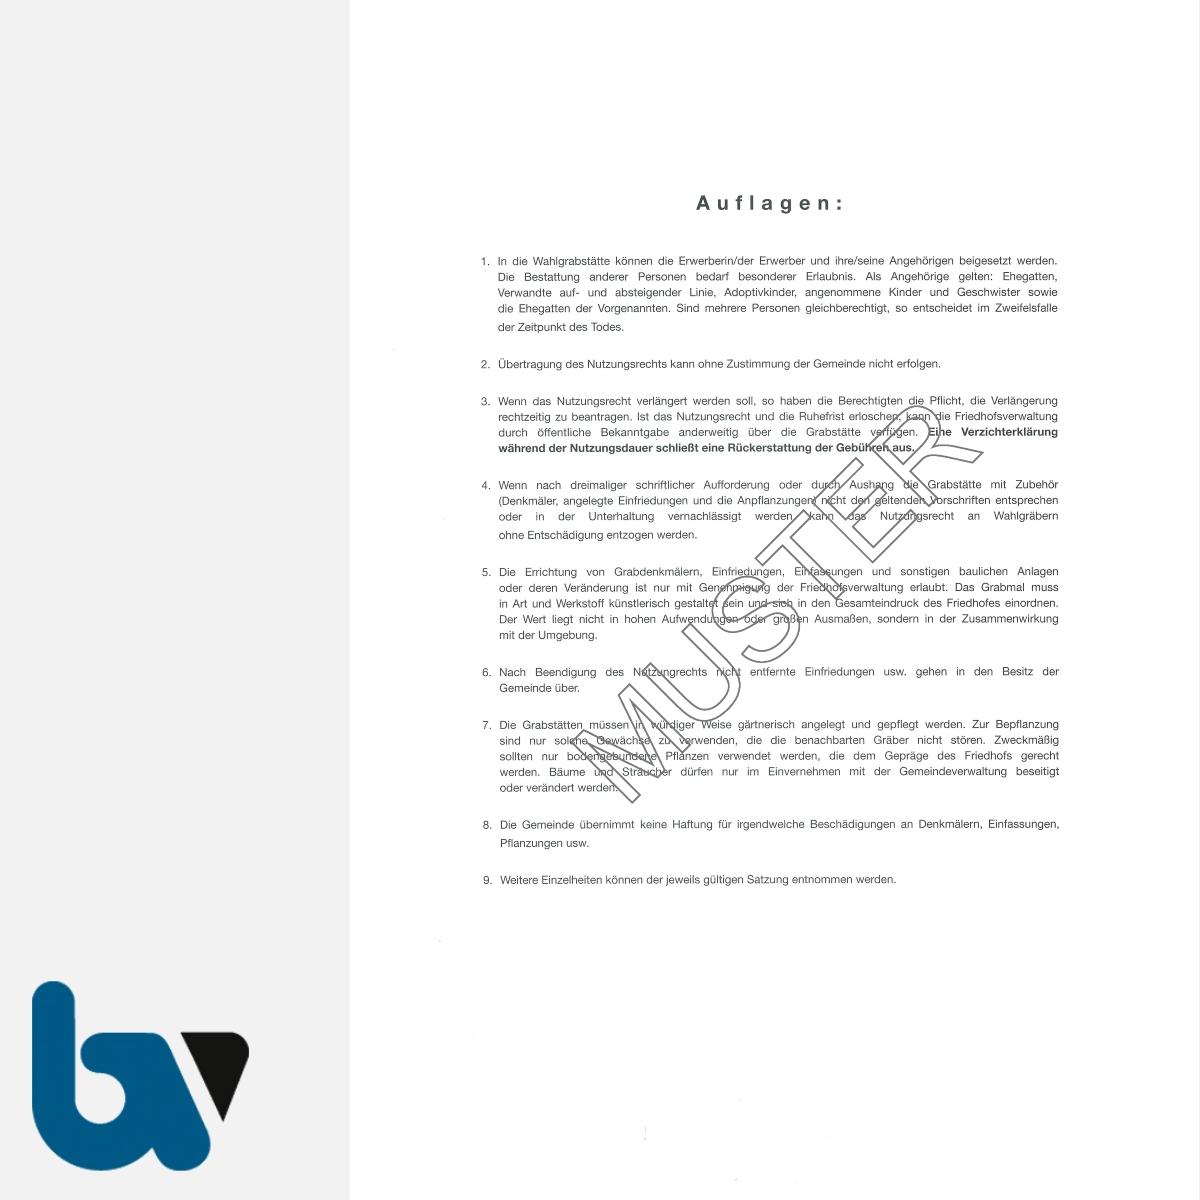 0/168-1 Urkunde Erwerb Nutzungsrecht Wahlgrabstätte Friedhof Verwaltung 2-fach DIN A4 Rückseite | Borgard Verlag GmbH